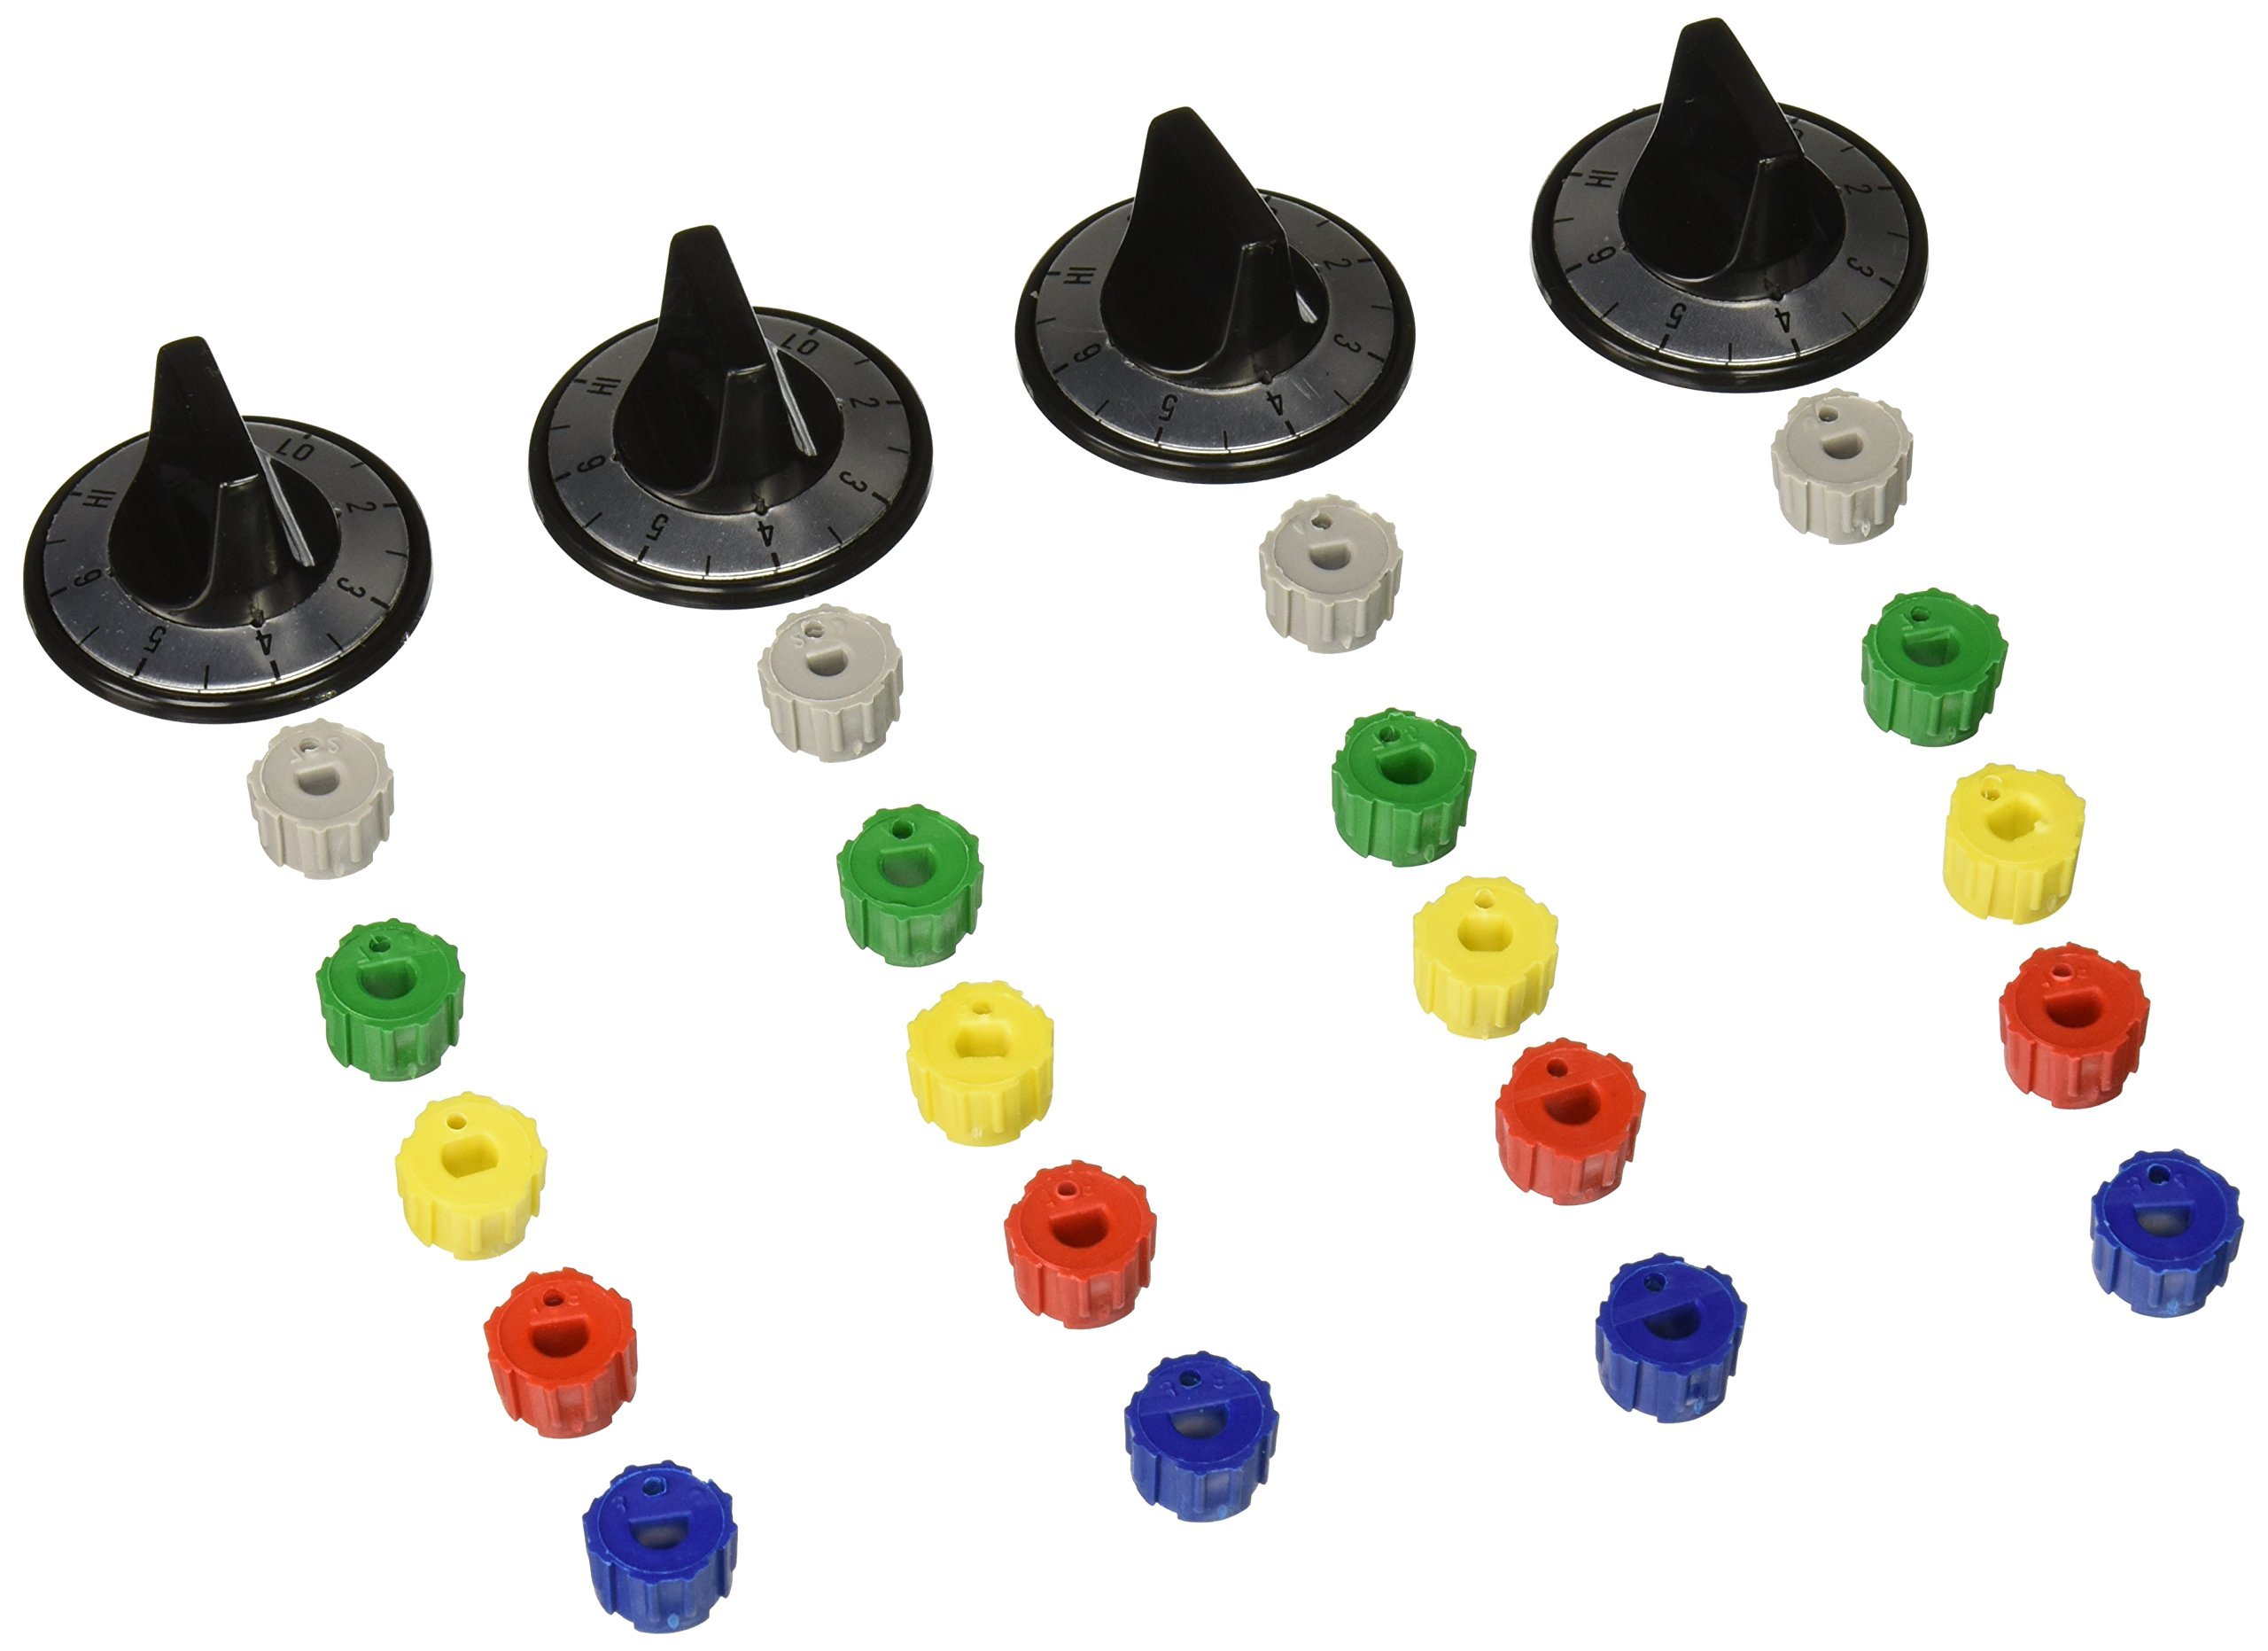 Supco Universal Electric Range Knob Kit RK100